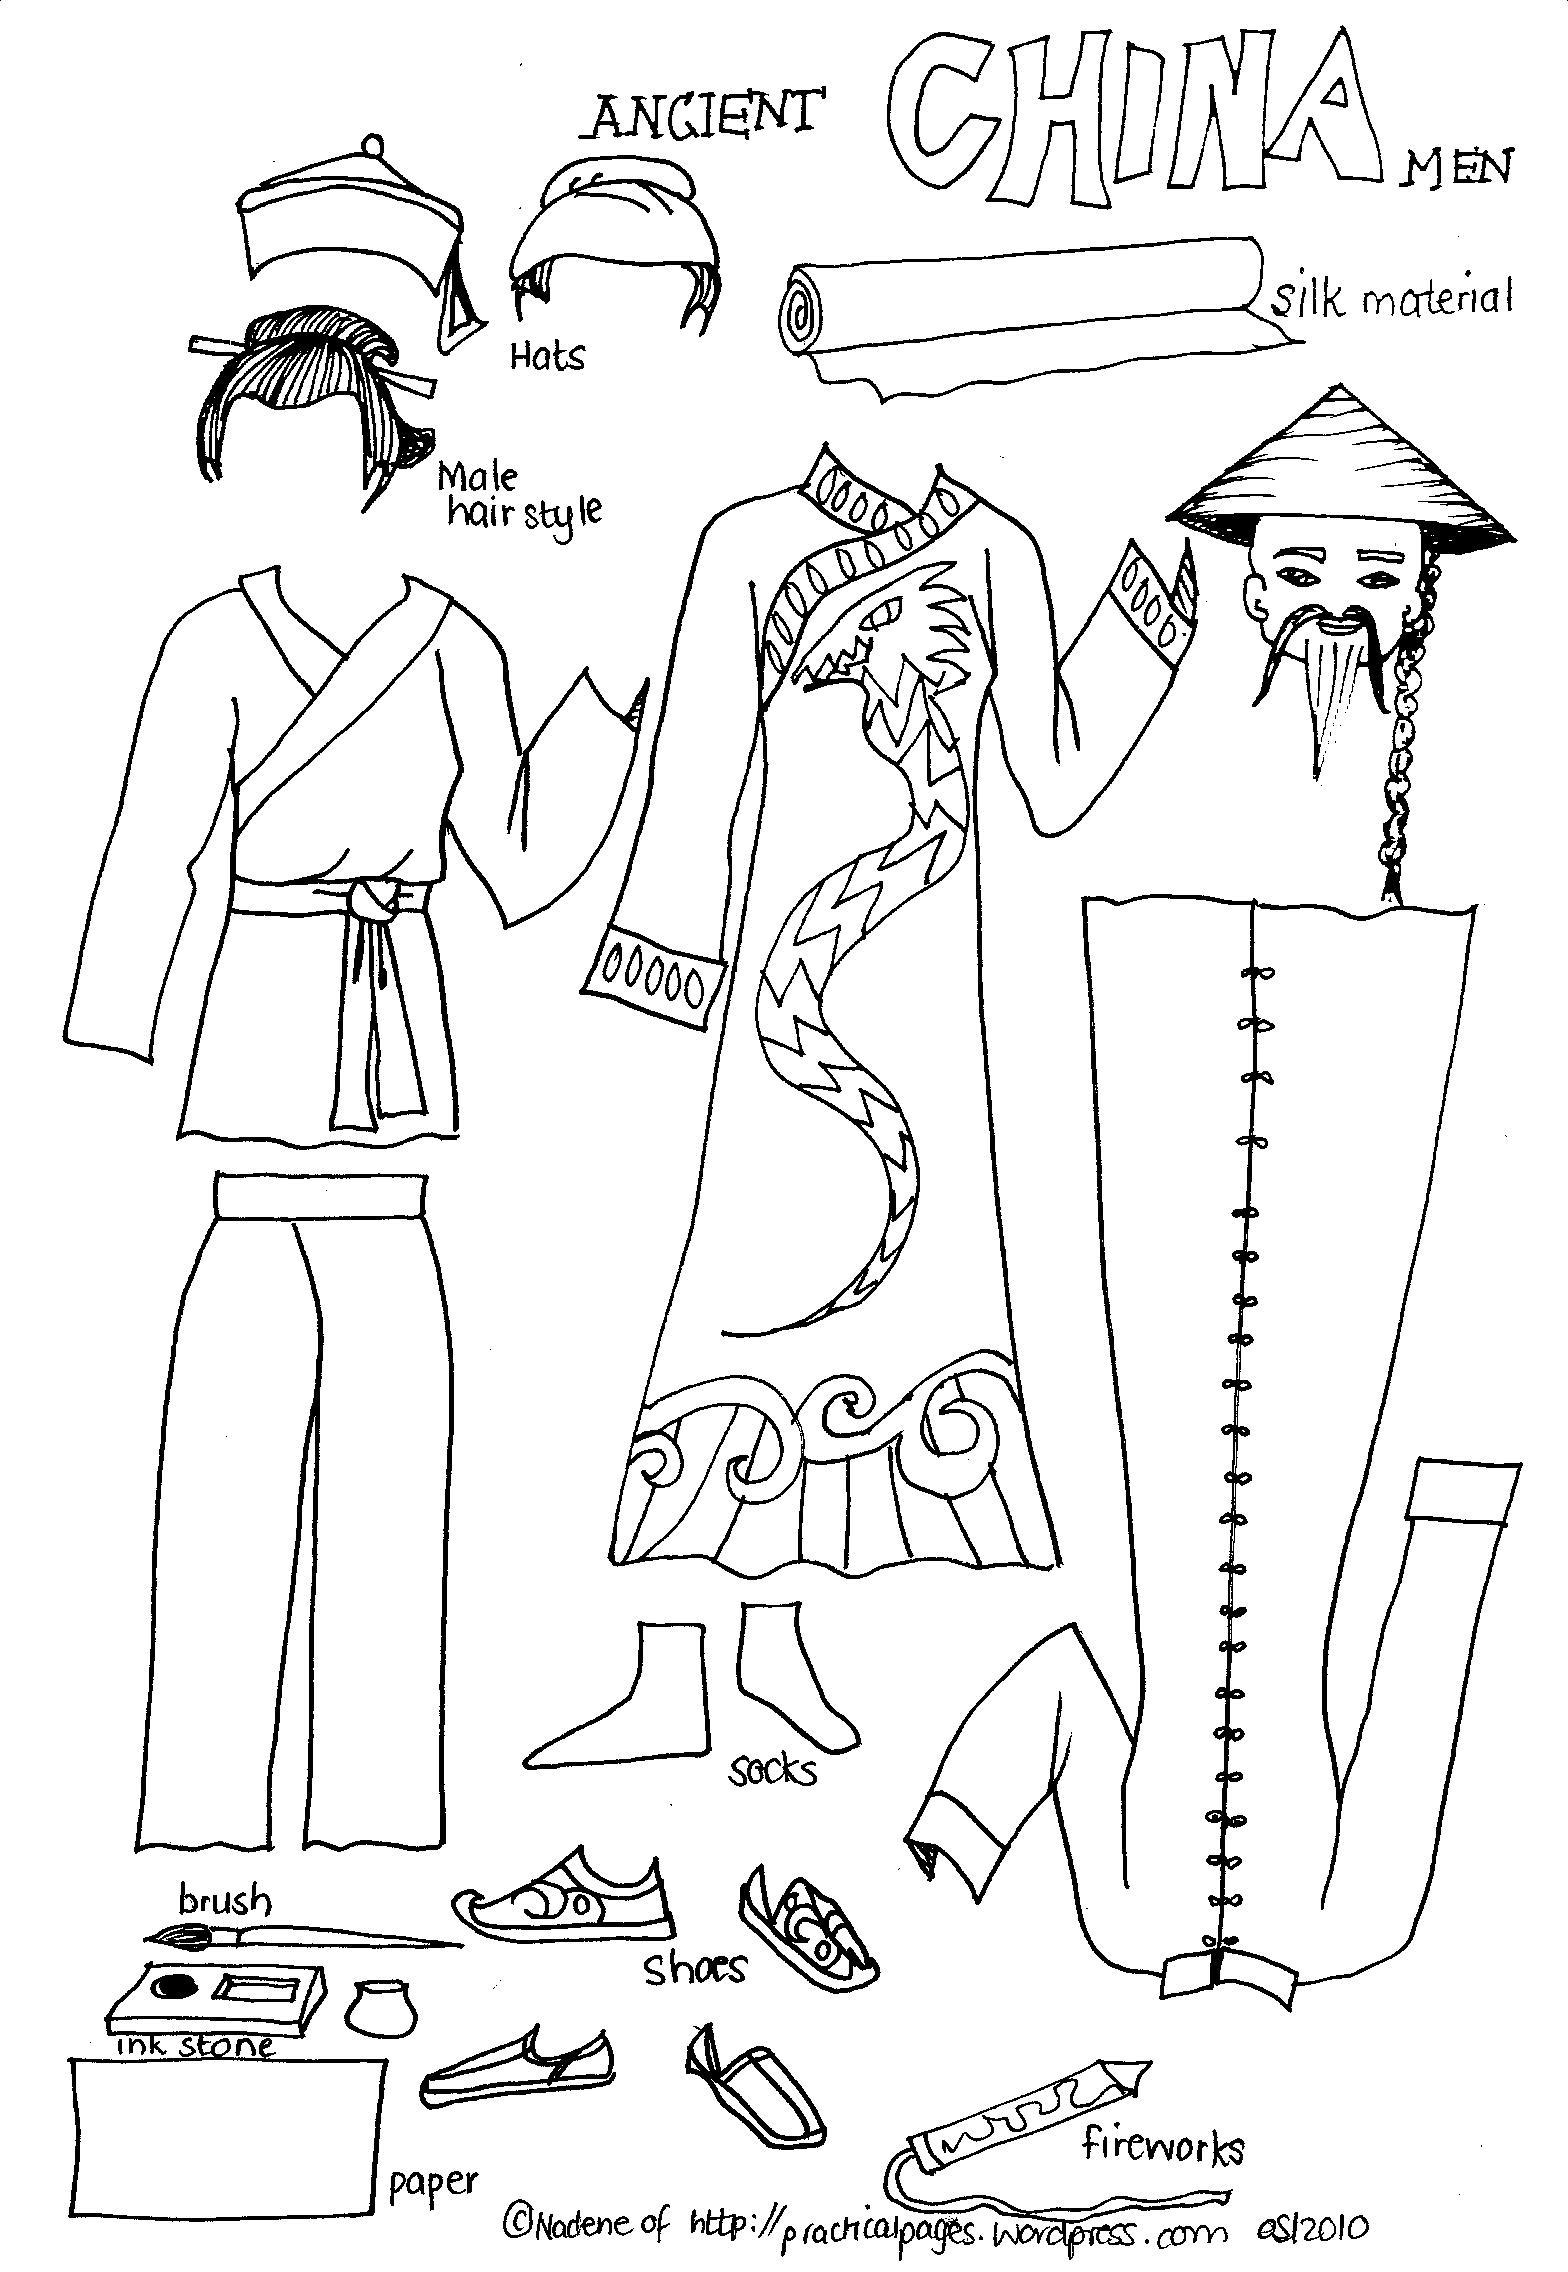 Ancient China Men